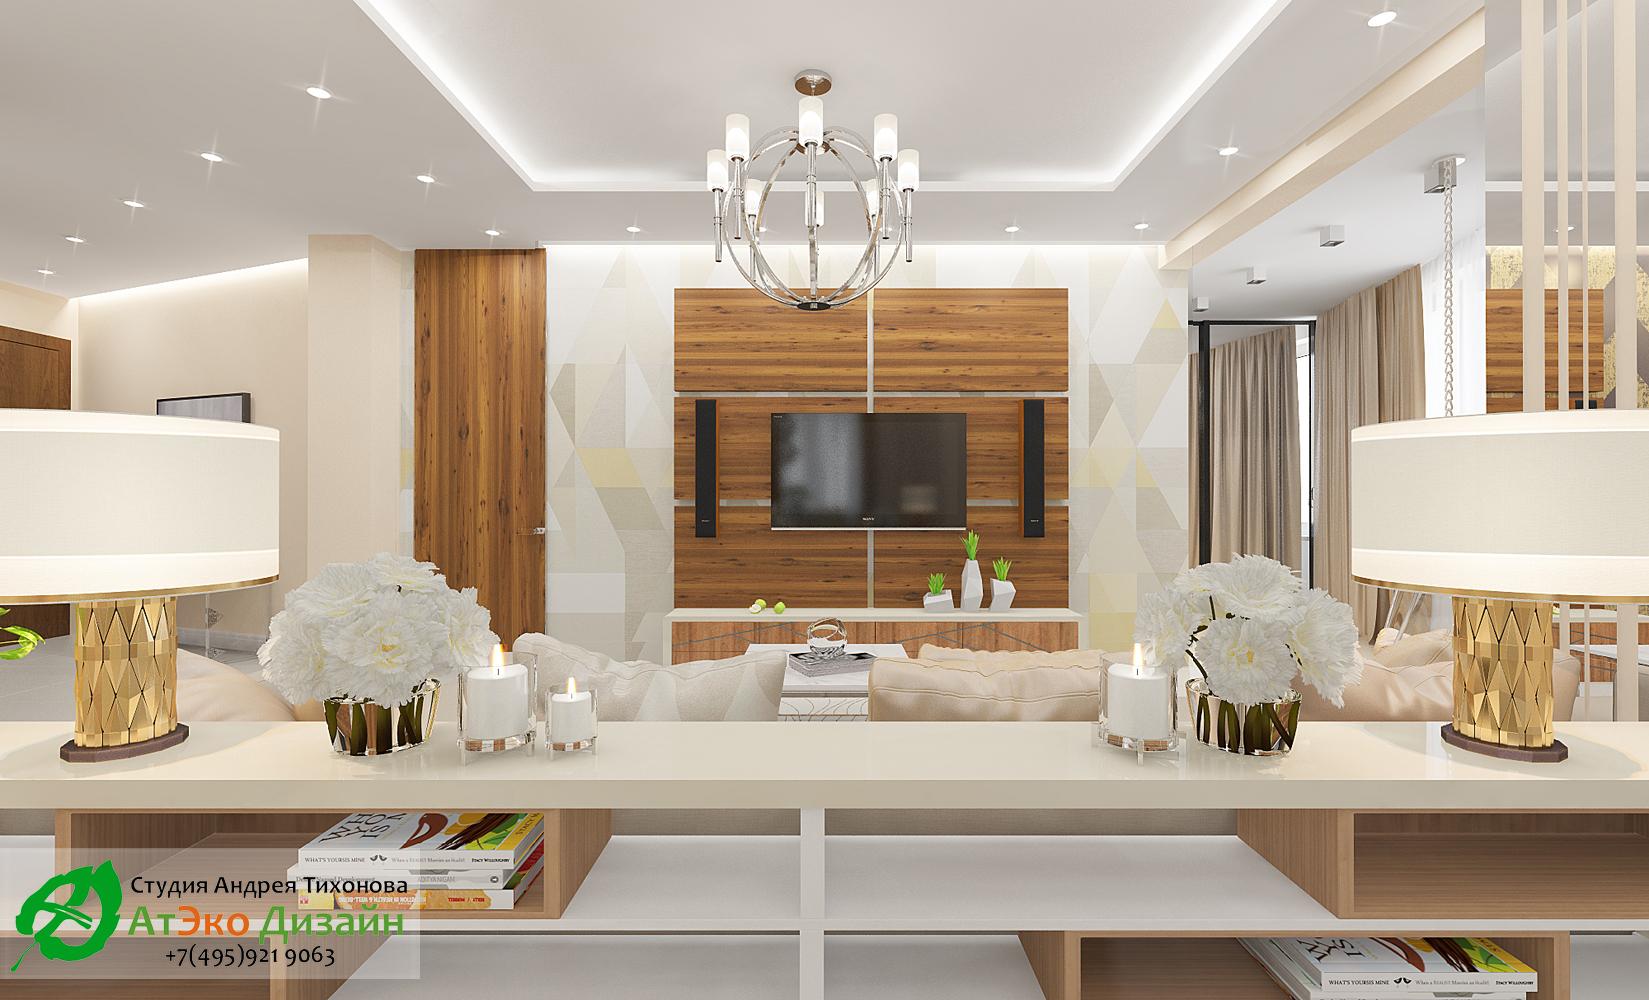 Дизайн интерьера гостиной совмещённой с кухней в светлых тонах вид из кухни